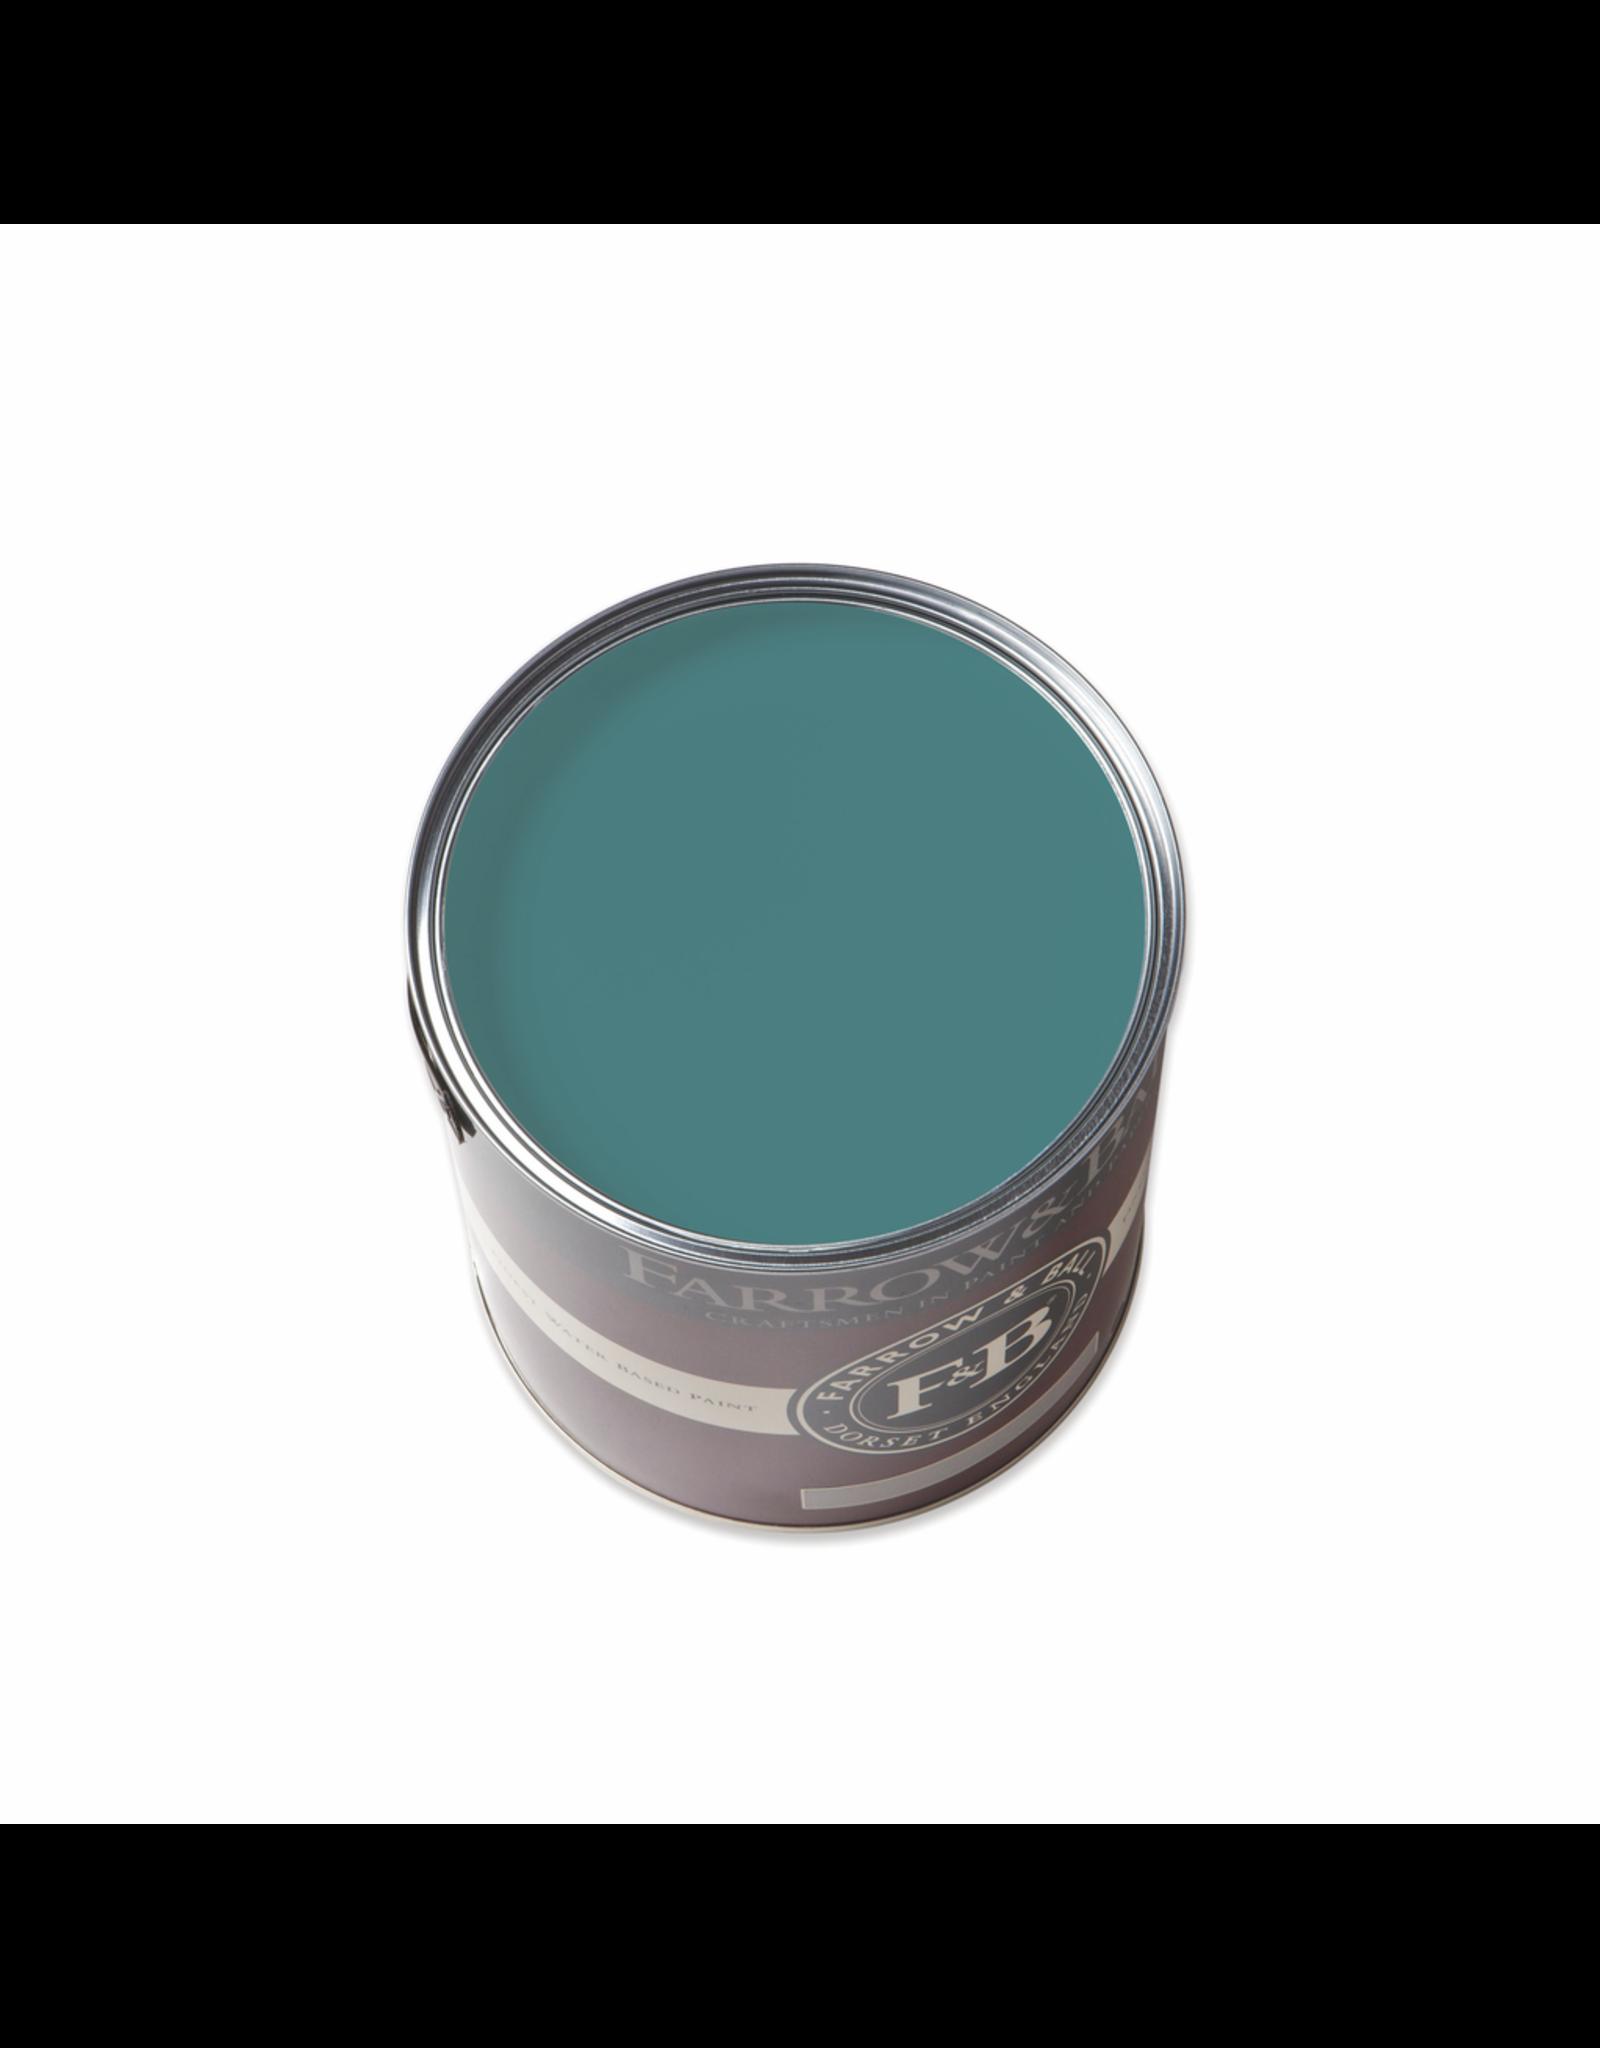 Farrow and Ball Gallon Modern Emulsion Vardo No.288